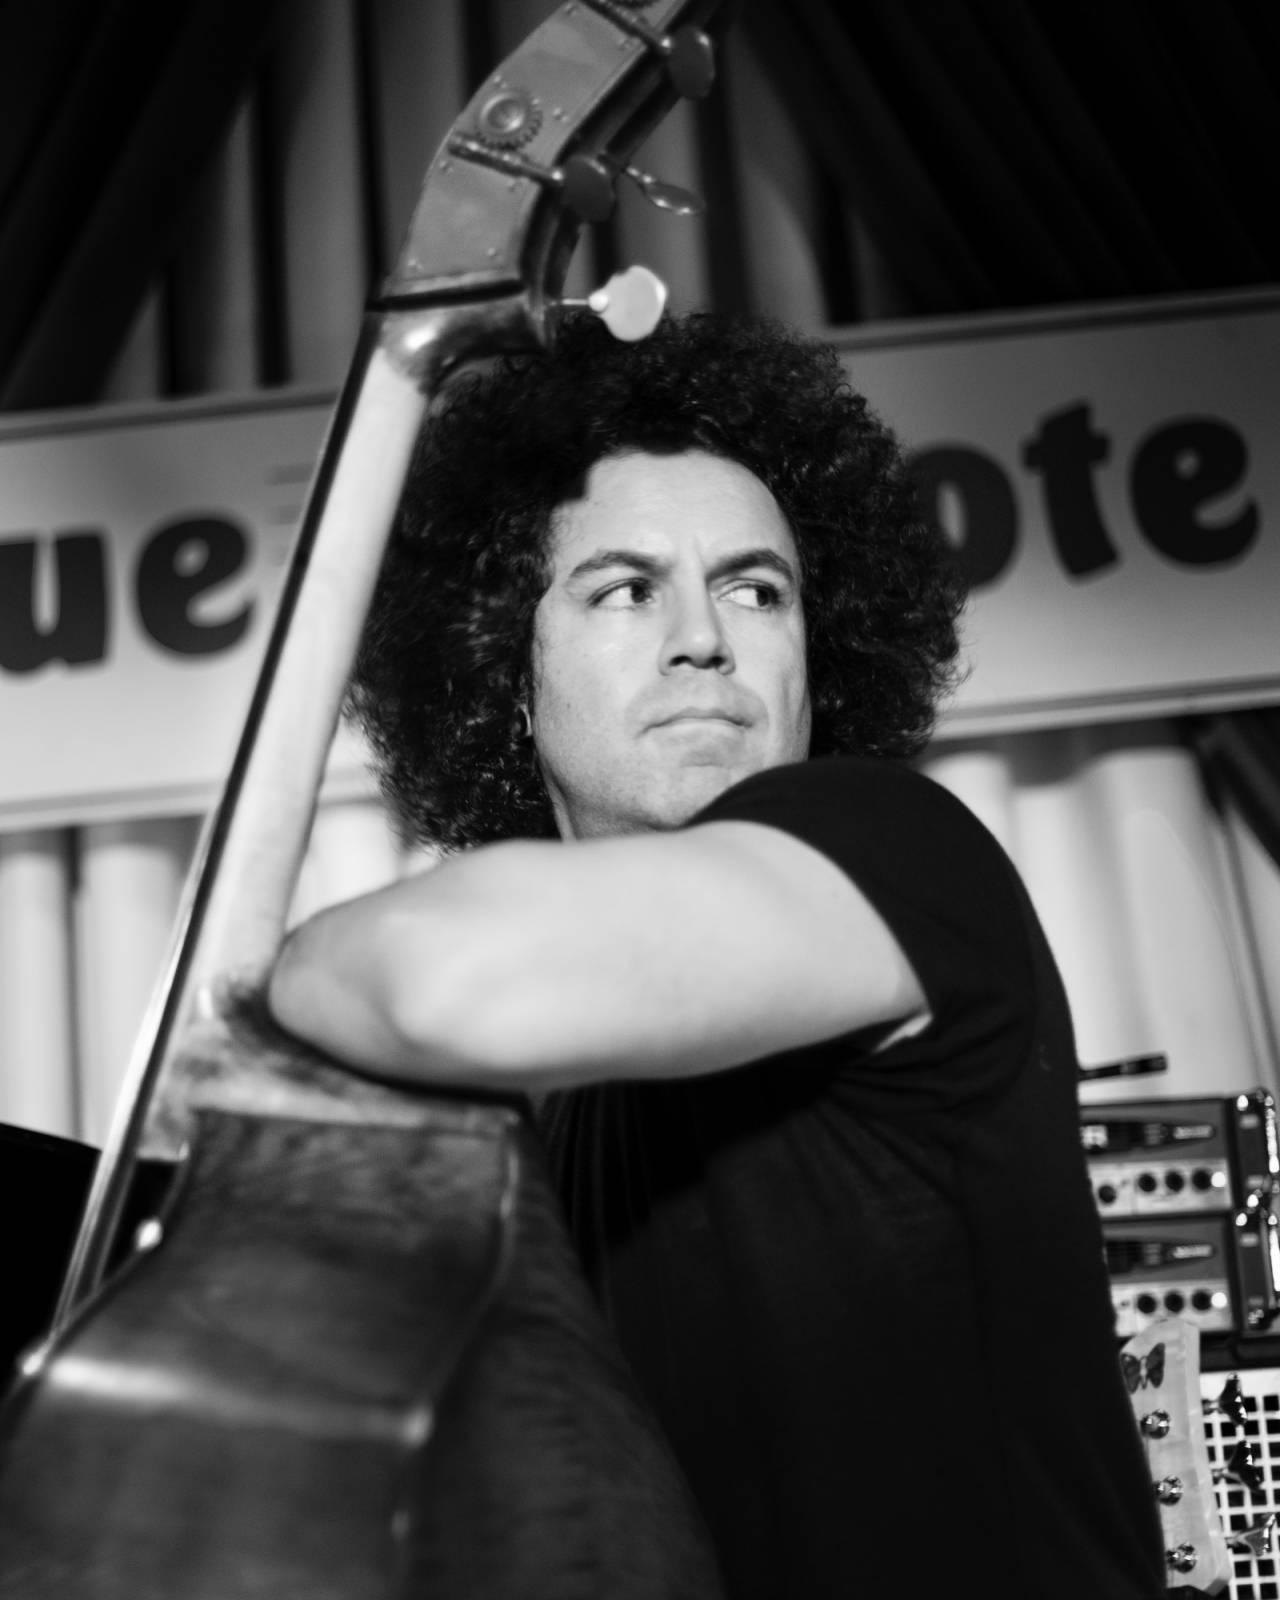 JazzFestBrno zná první hvězdy jubilejního ročníku. Ke dvacetinám mu popřejí Chick Corea, Vicente Amigo nebo Cécile McLorin Salvant